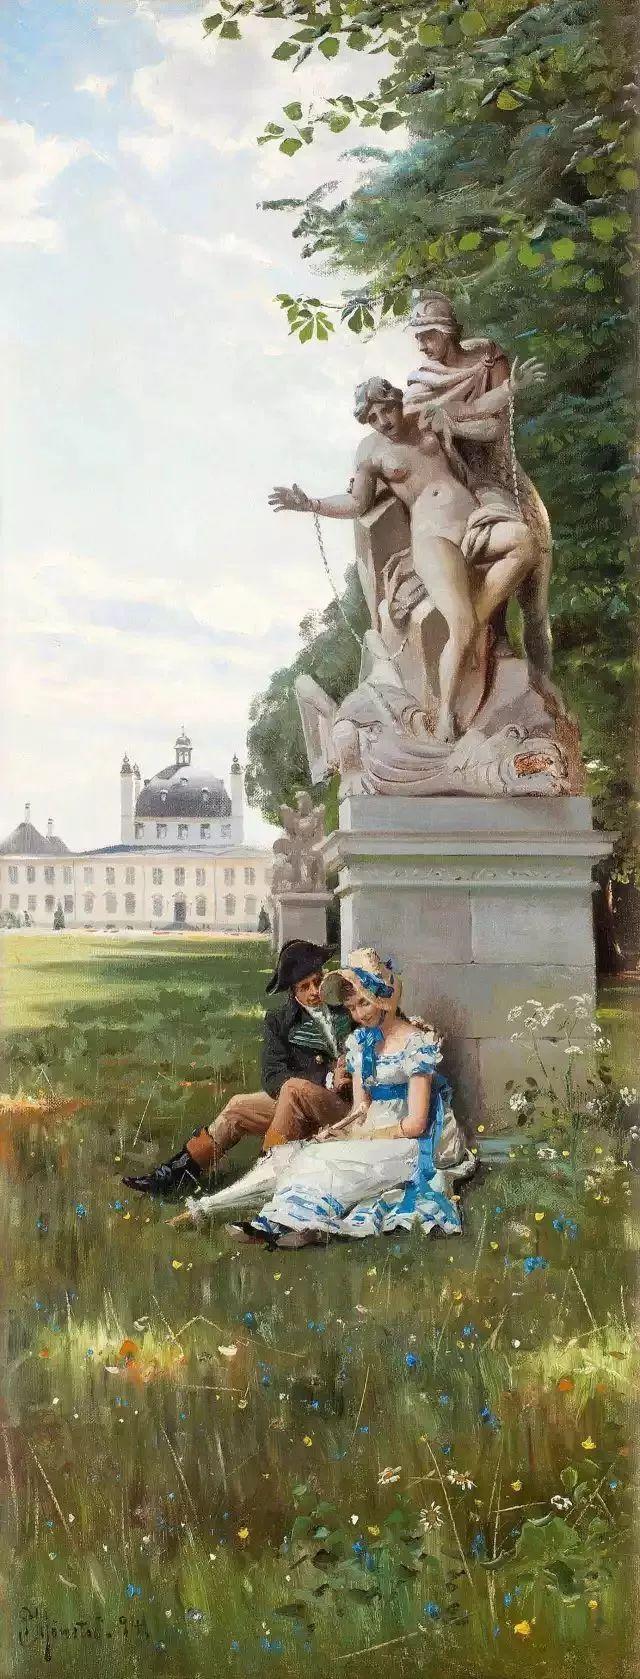 他的画描绘了一派祥和的田园风光,安静美好插图141